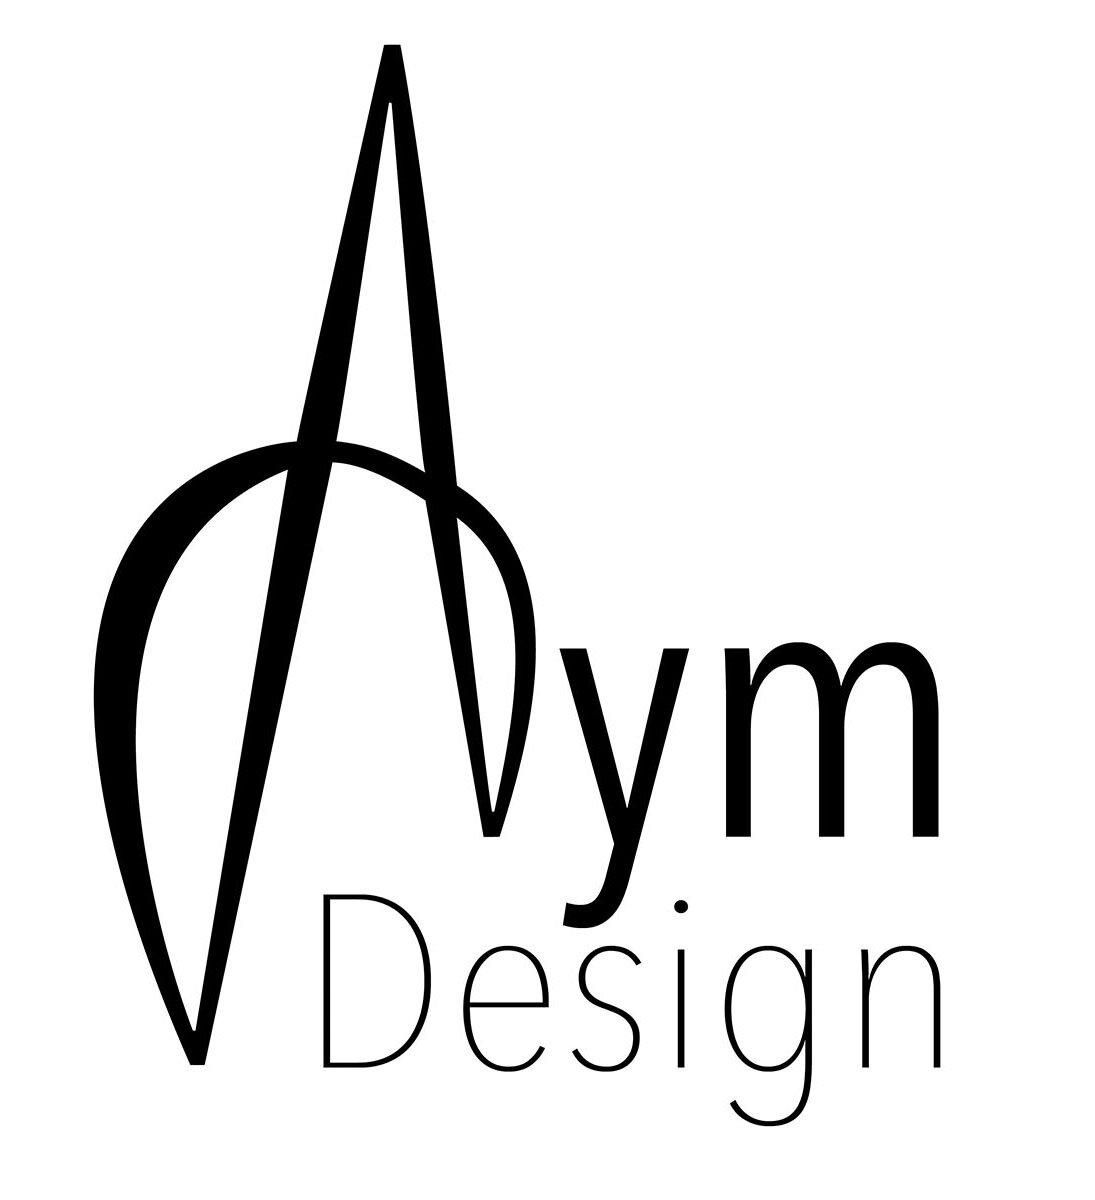 @Aym_Design